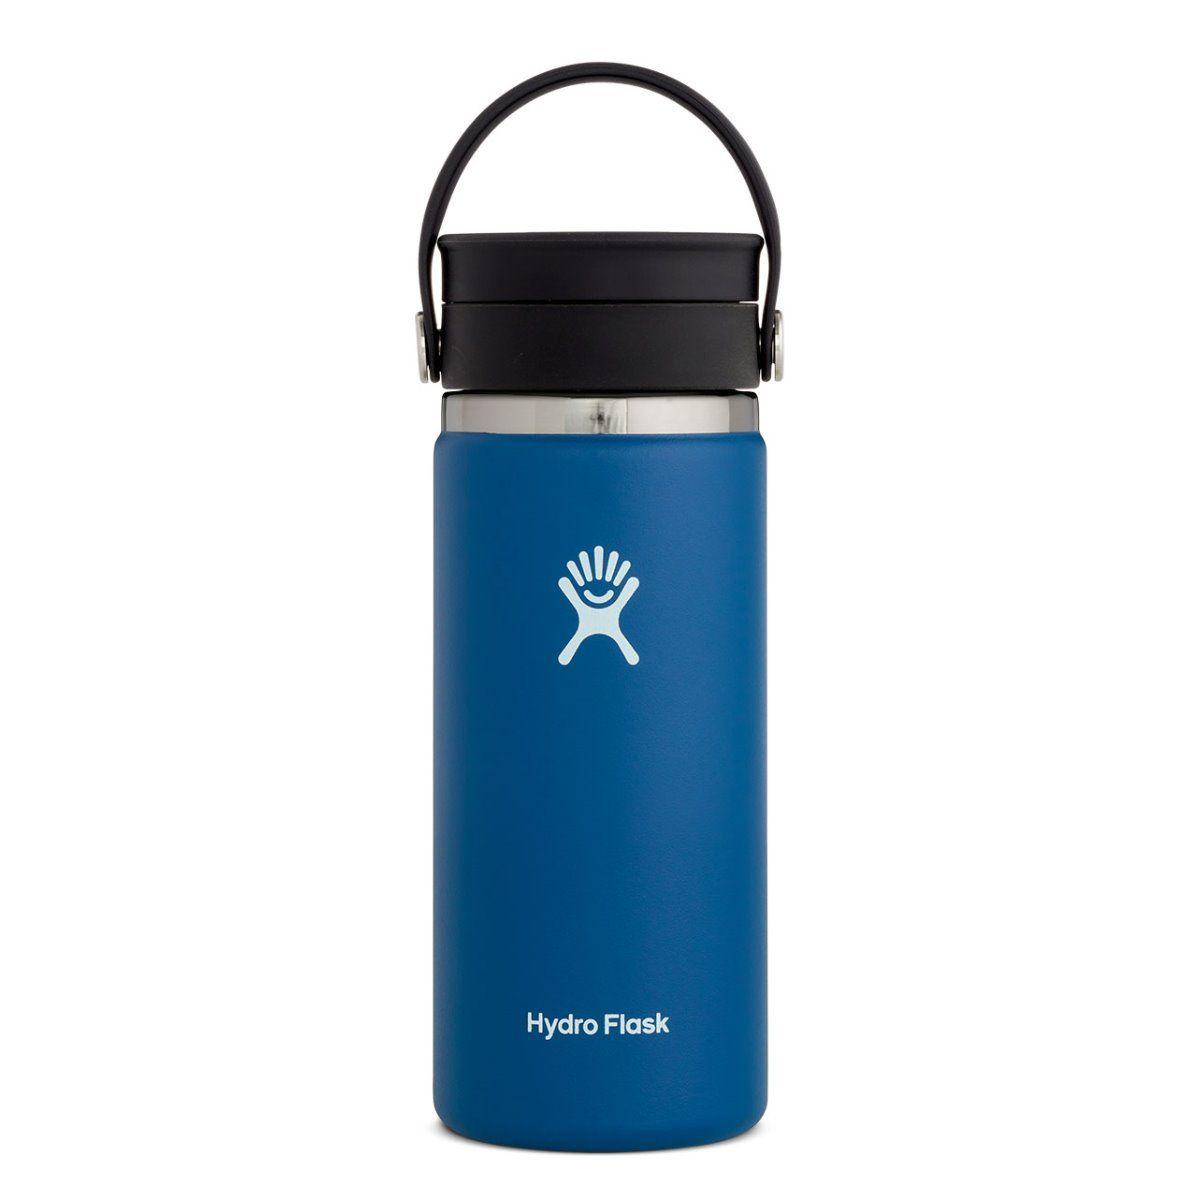 Hydroflask 16 oz kaffekopp cobolt